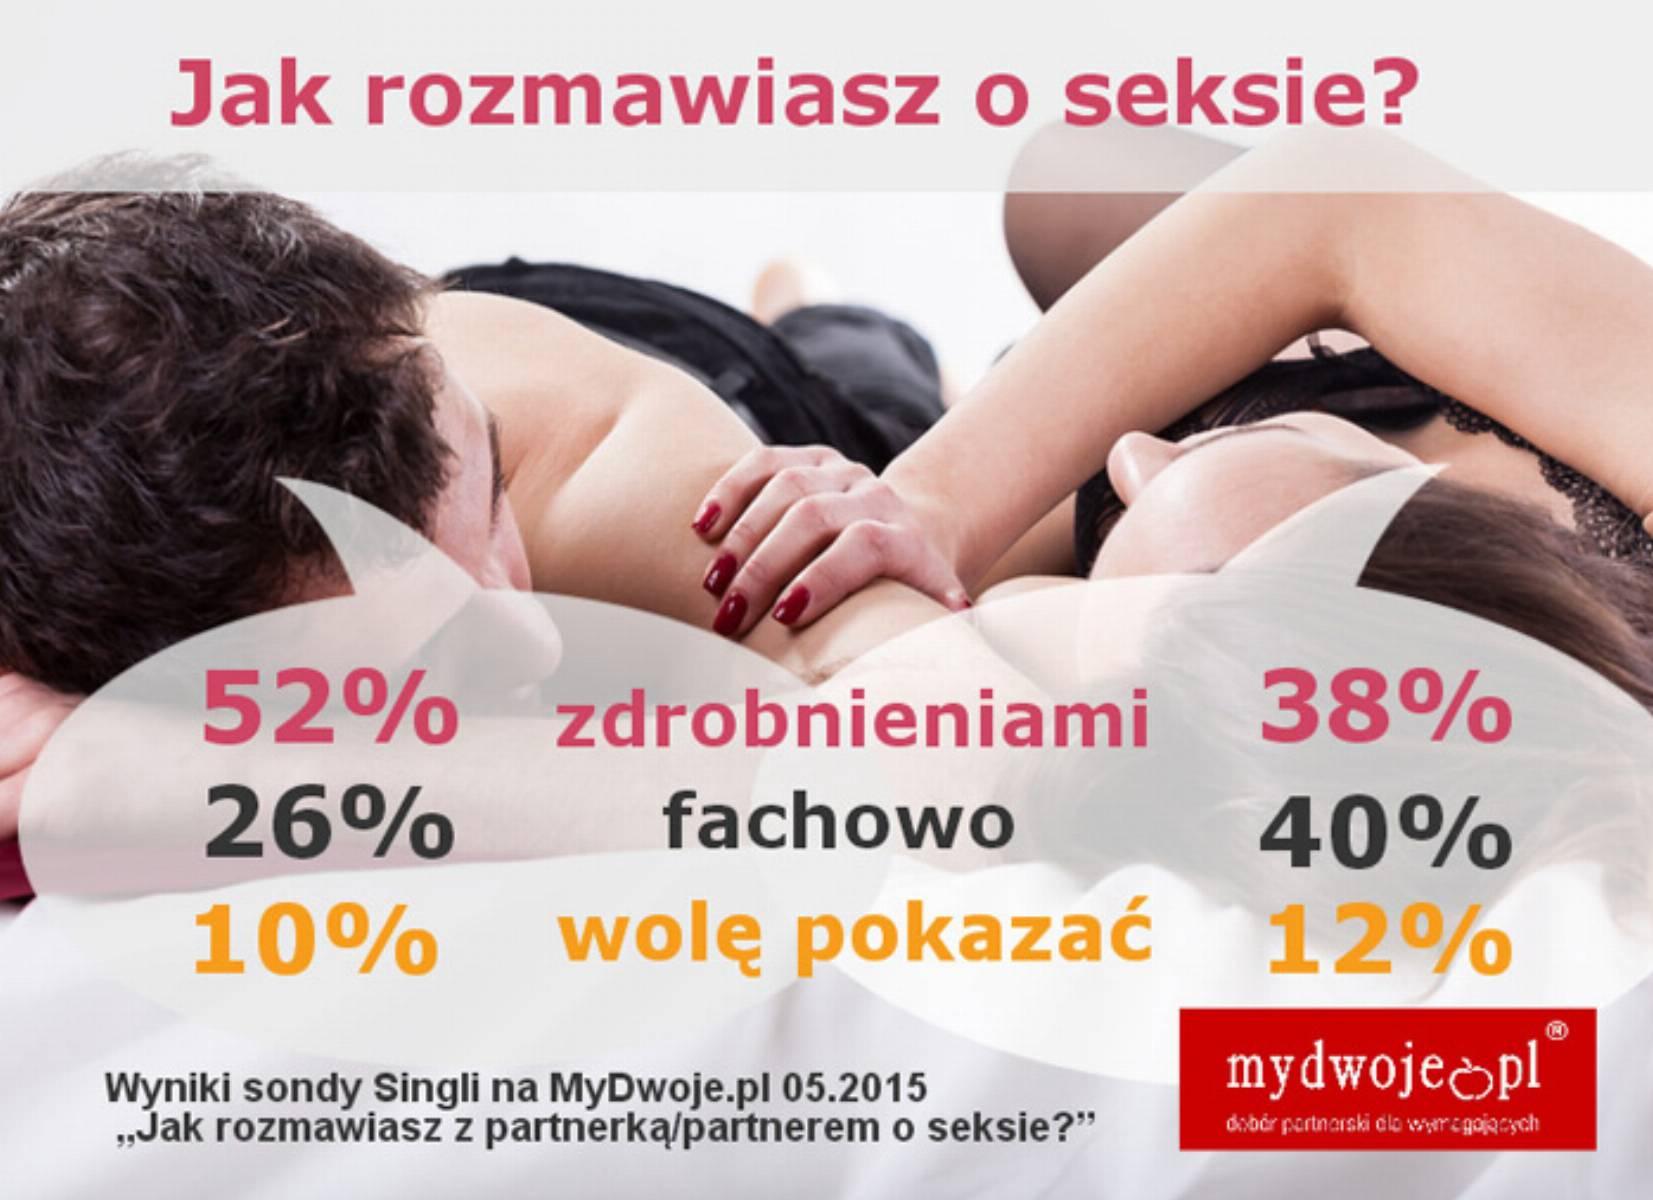 Jak rozmawiasz o seksie- infografika